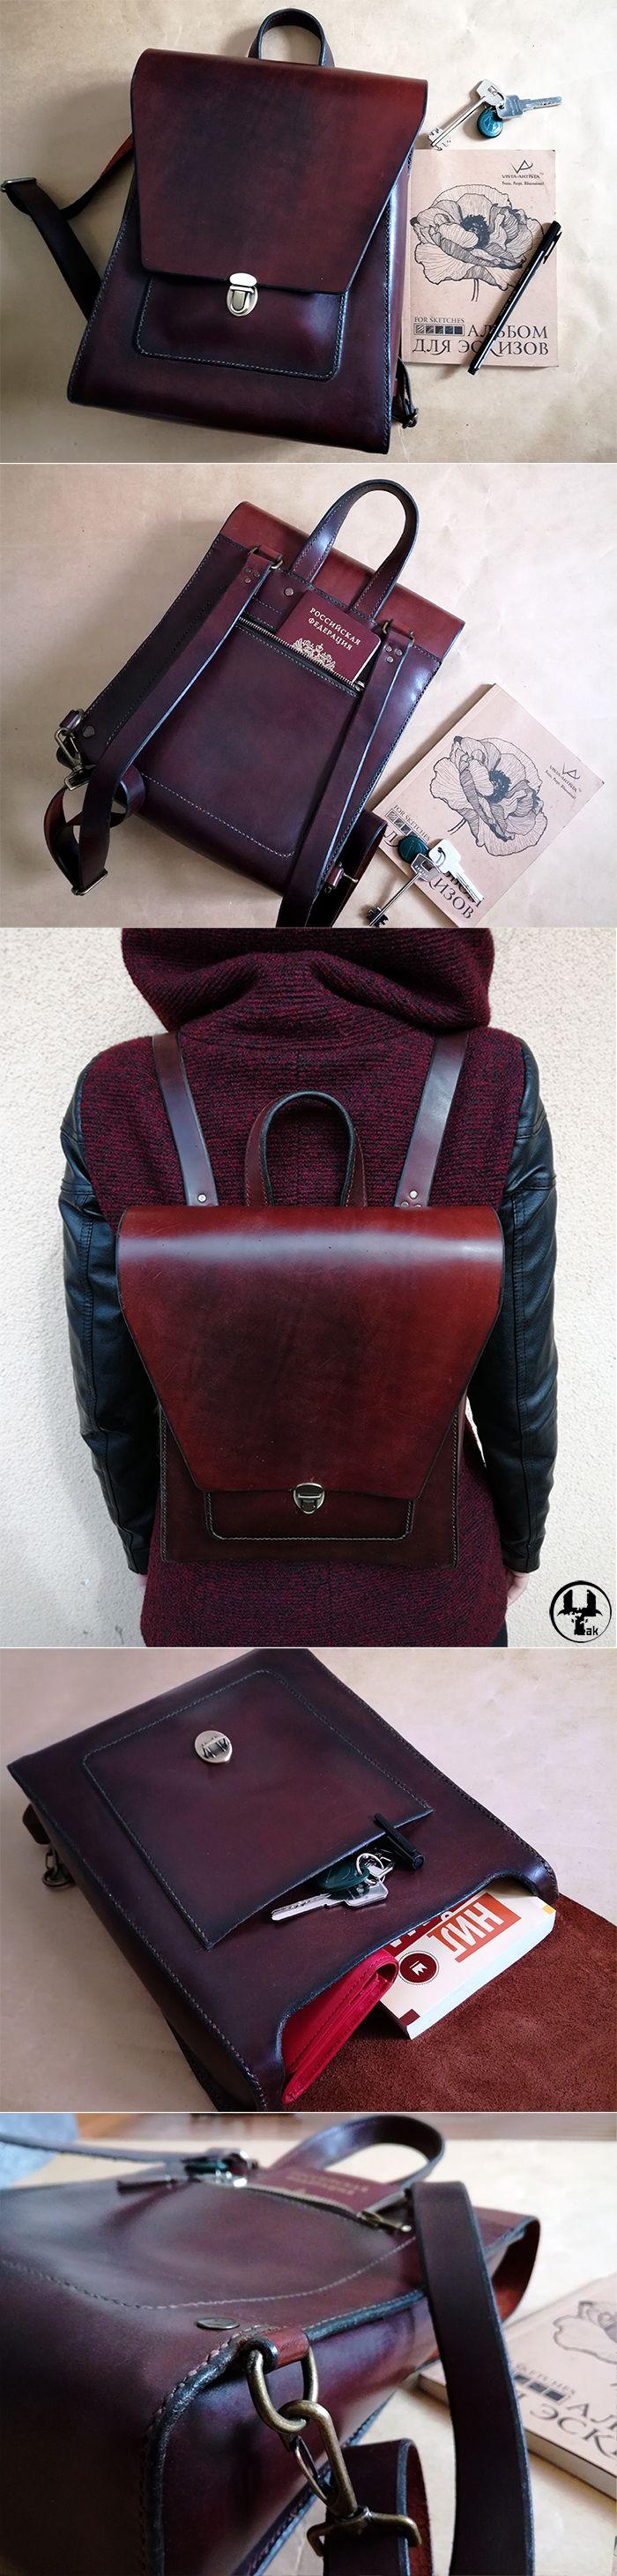 Рюкзак из натуральной кожи Angle - Купить Кожаный рюкзак, кожаный рюкзак ручной работы, natural leather, hand made, ярмарка мастеров